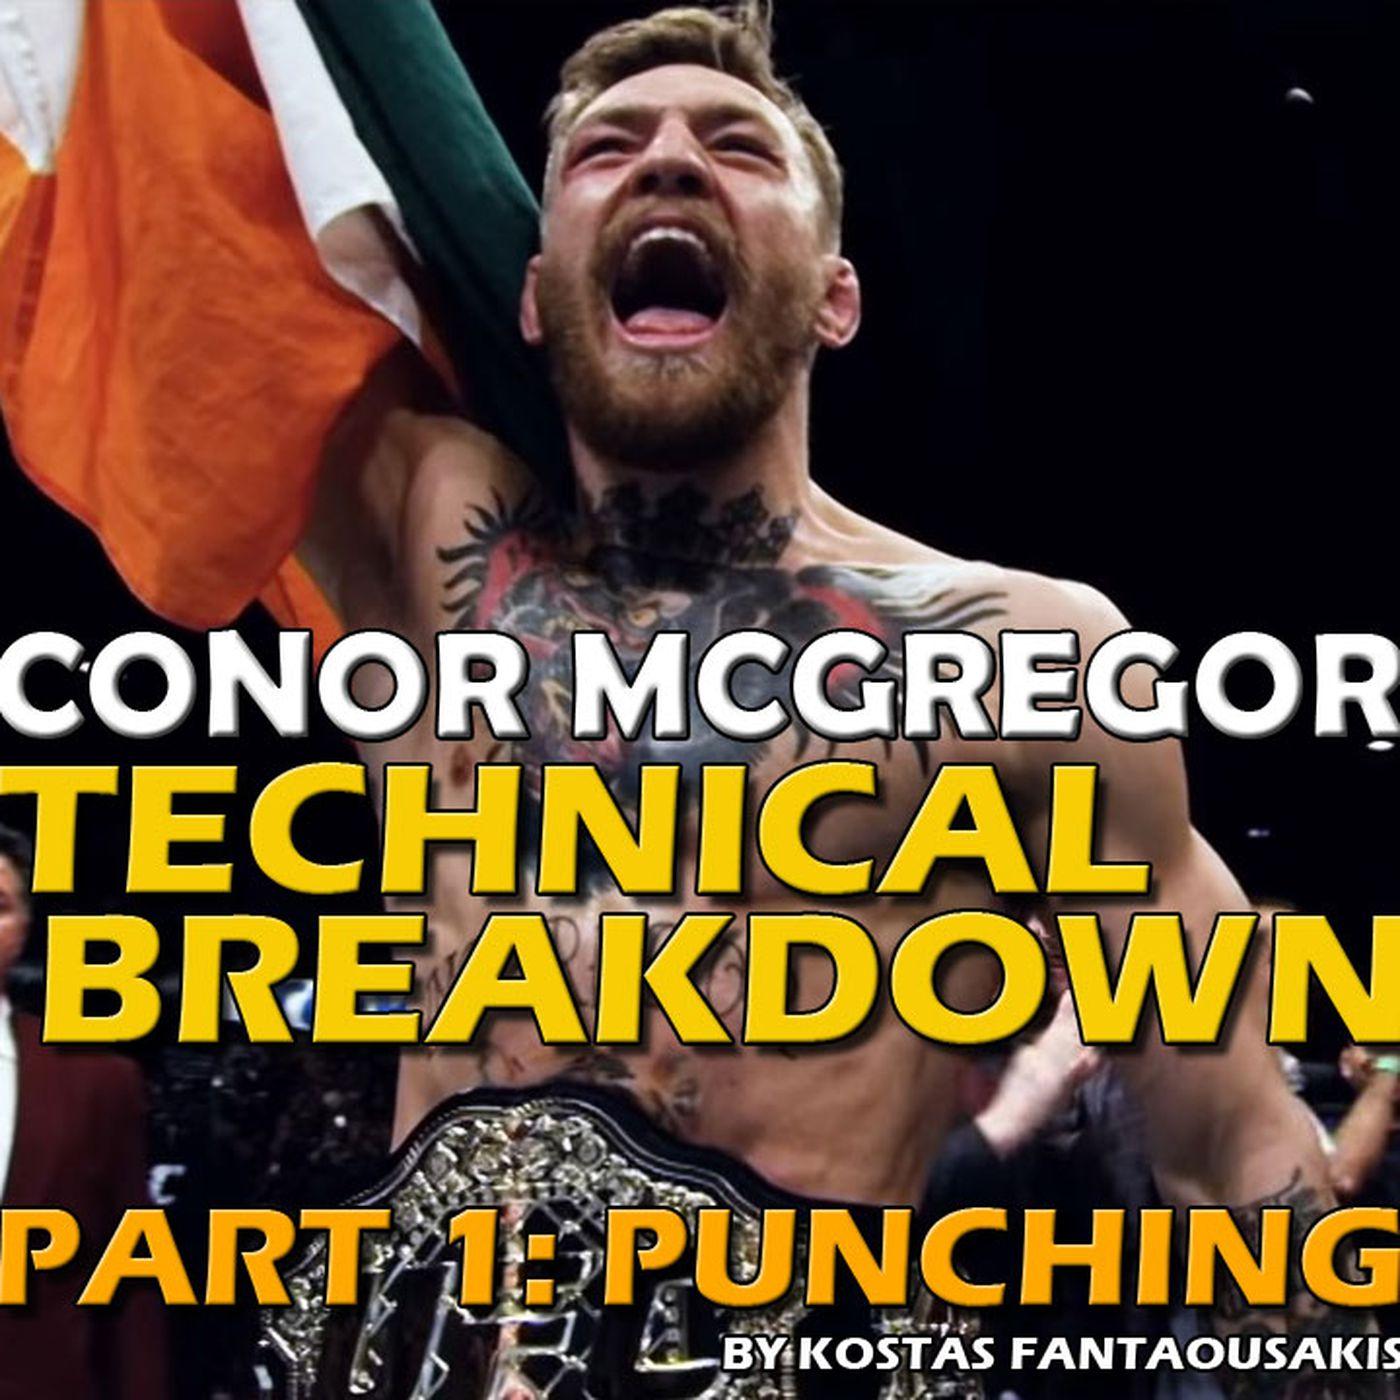 Ufc 246 Conor Mcgregor Technical Breakdown Part 1